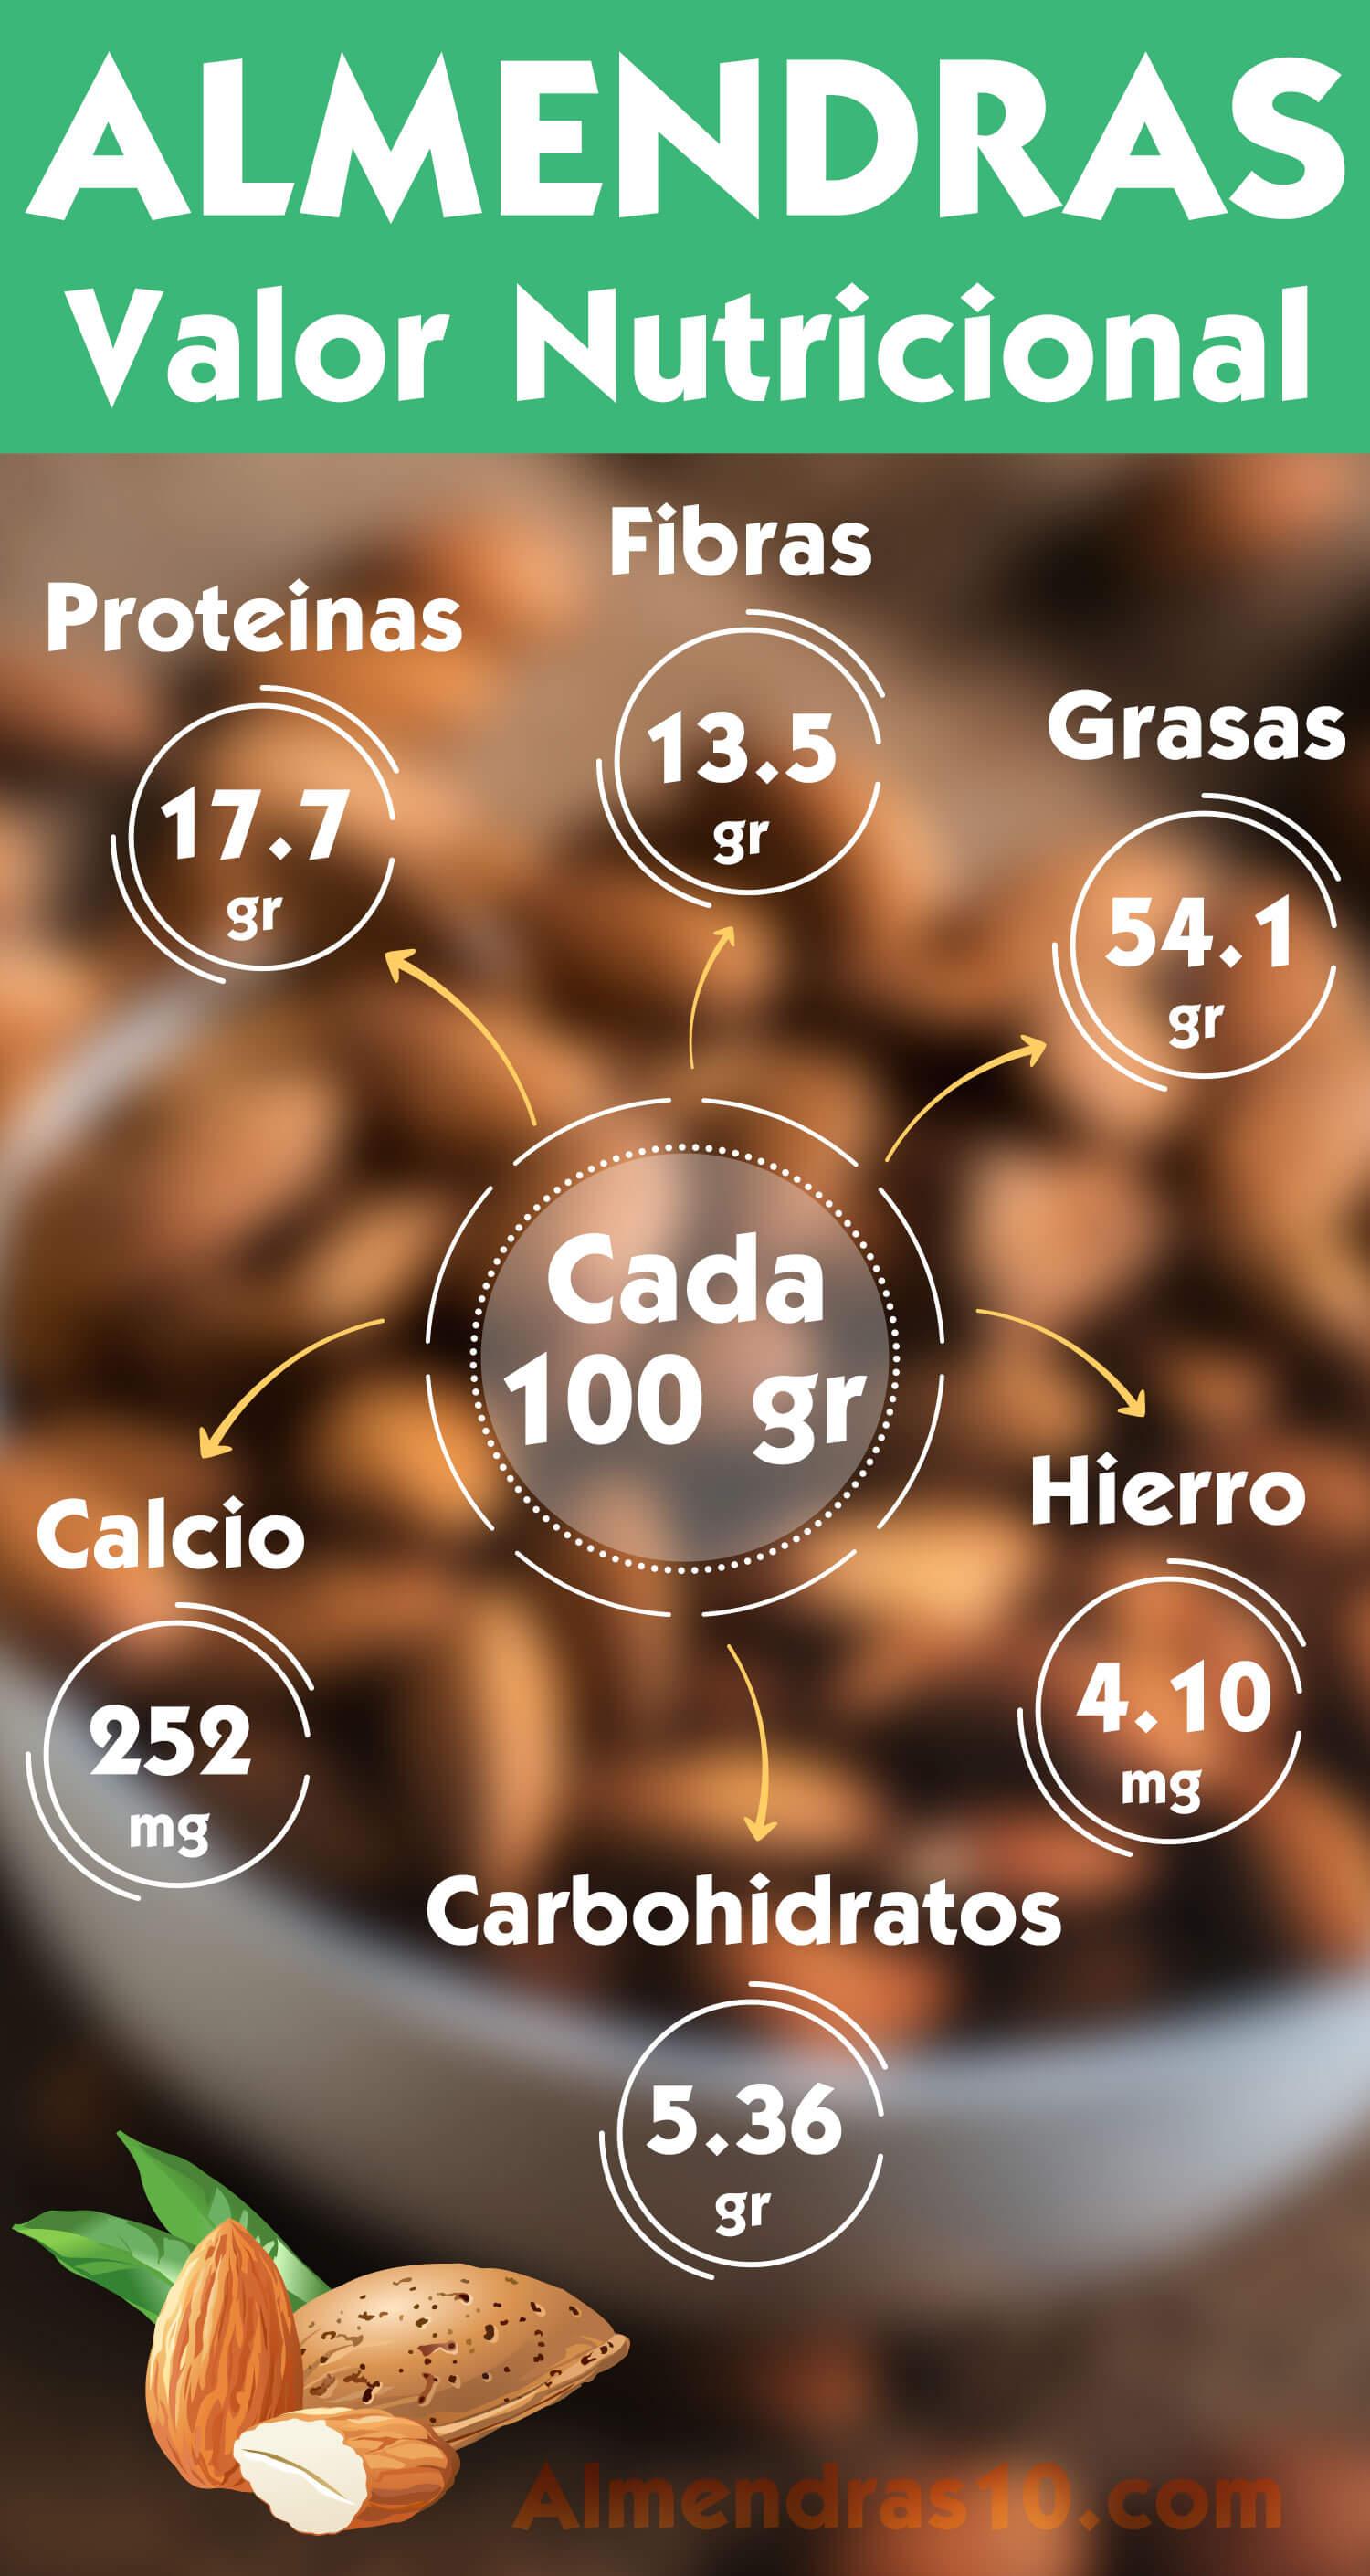 Propiedades de las Almendras - Valor Nutricional